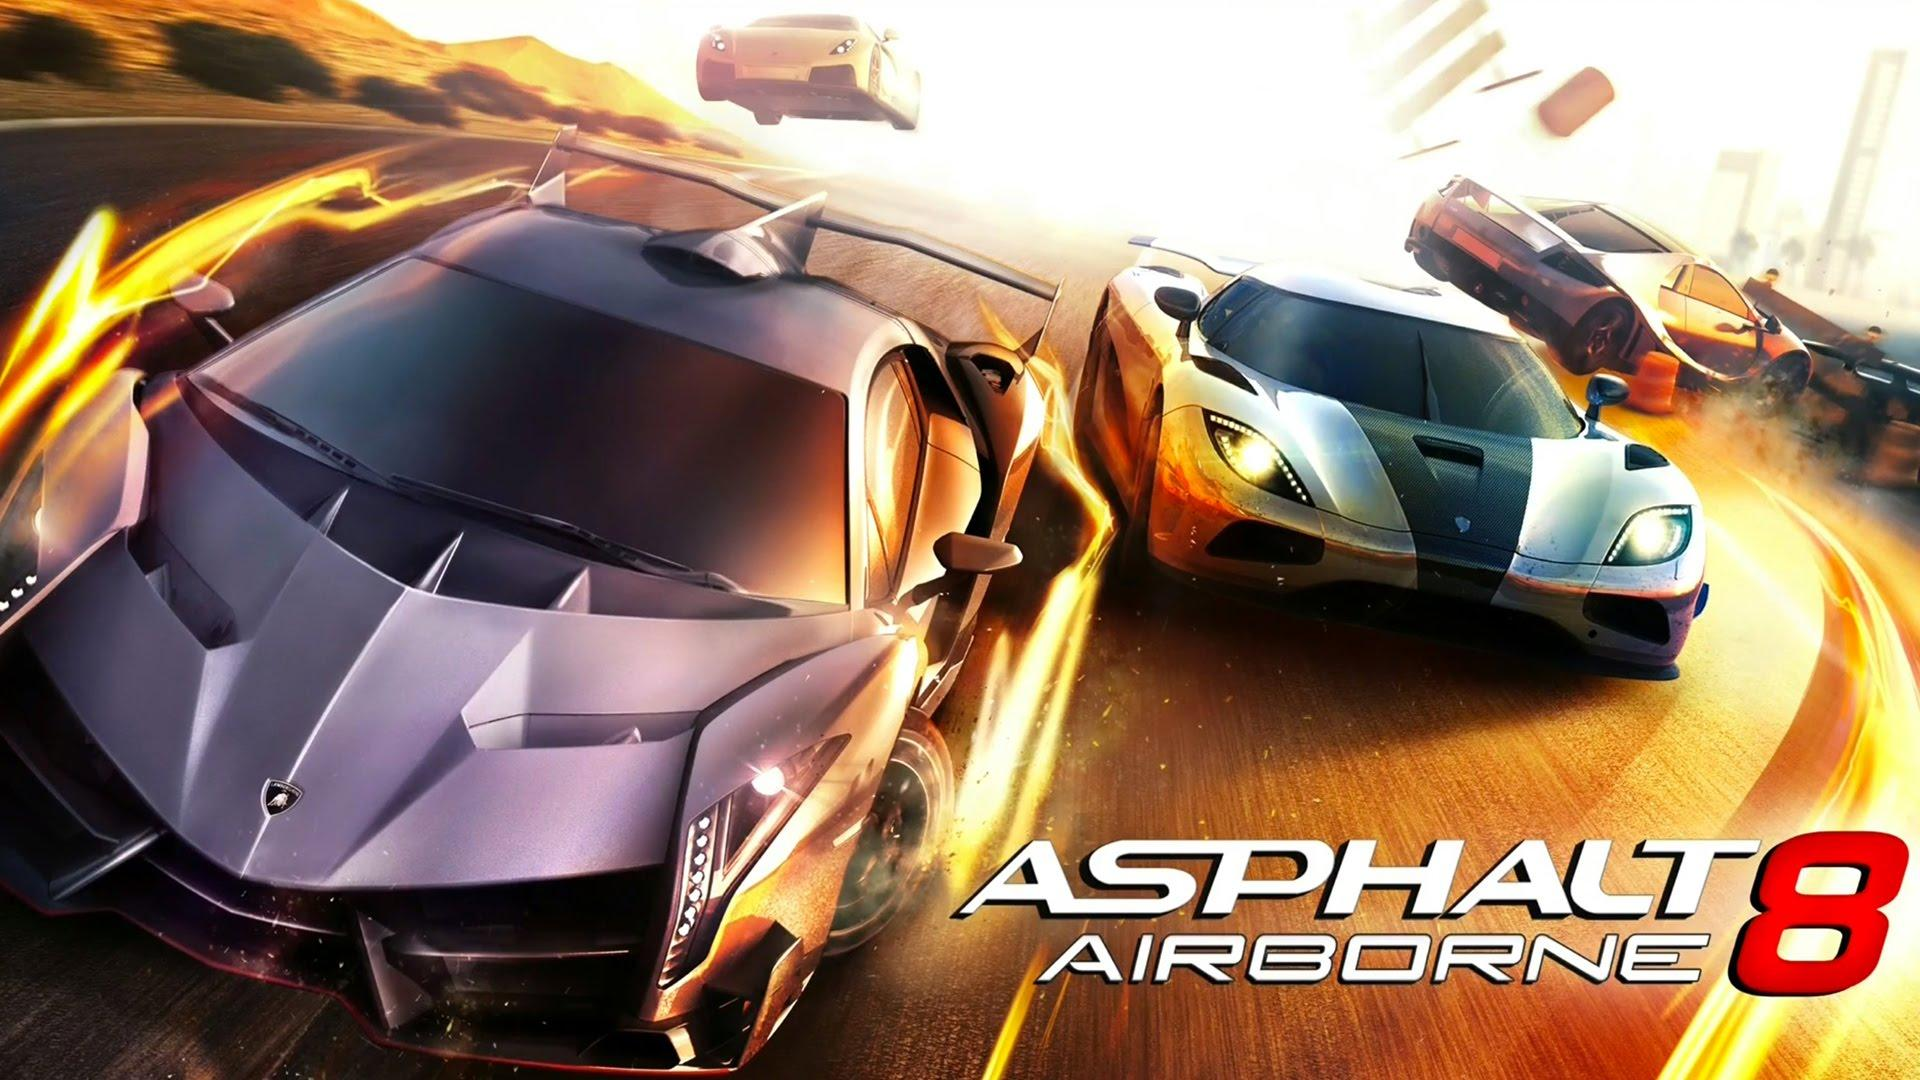 Asphalt 8 Airborne (Foto: Divulgação)